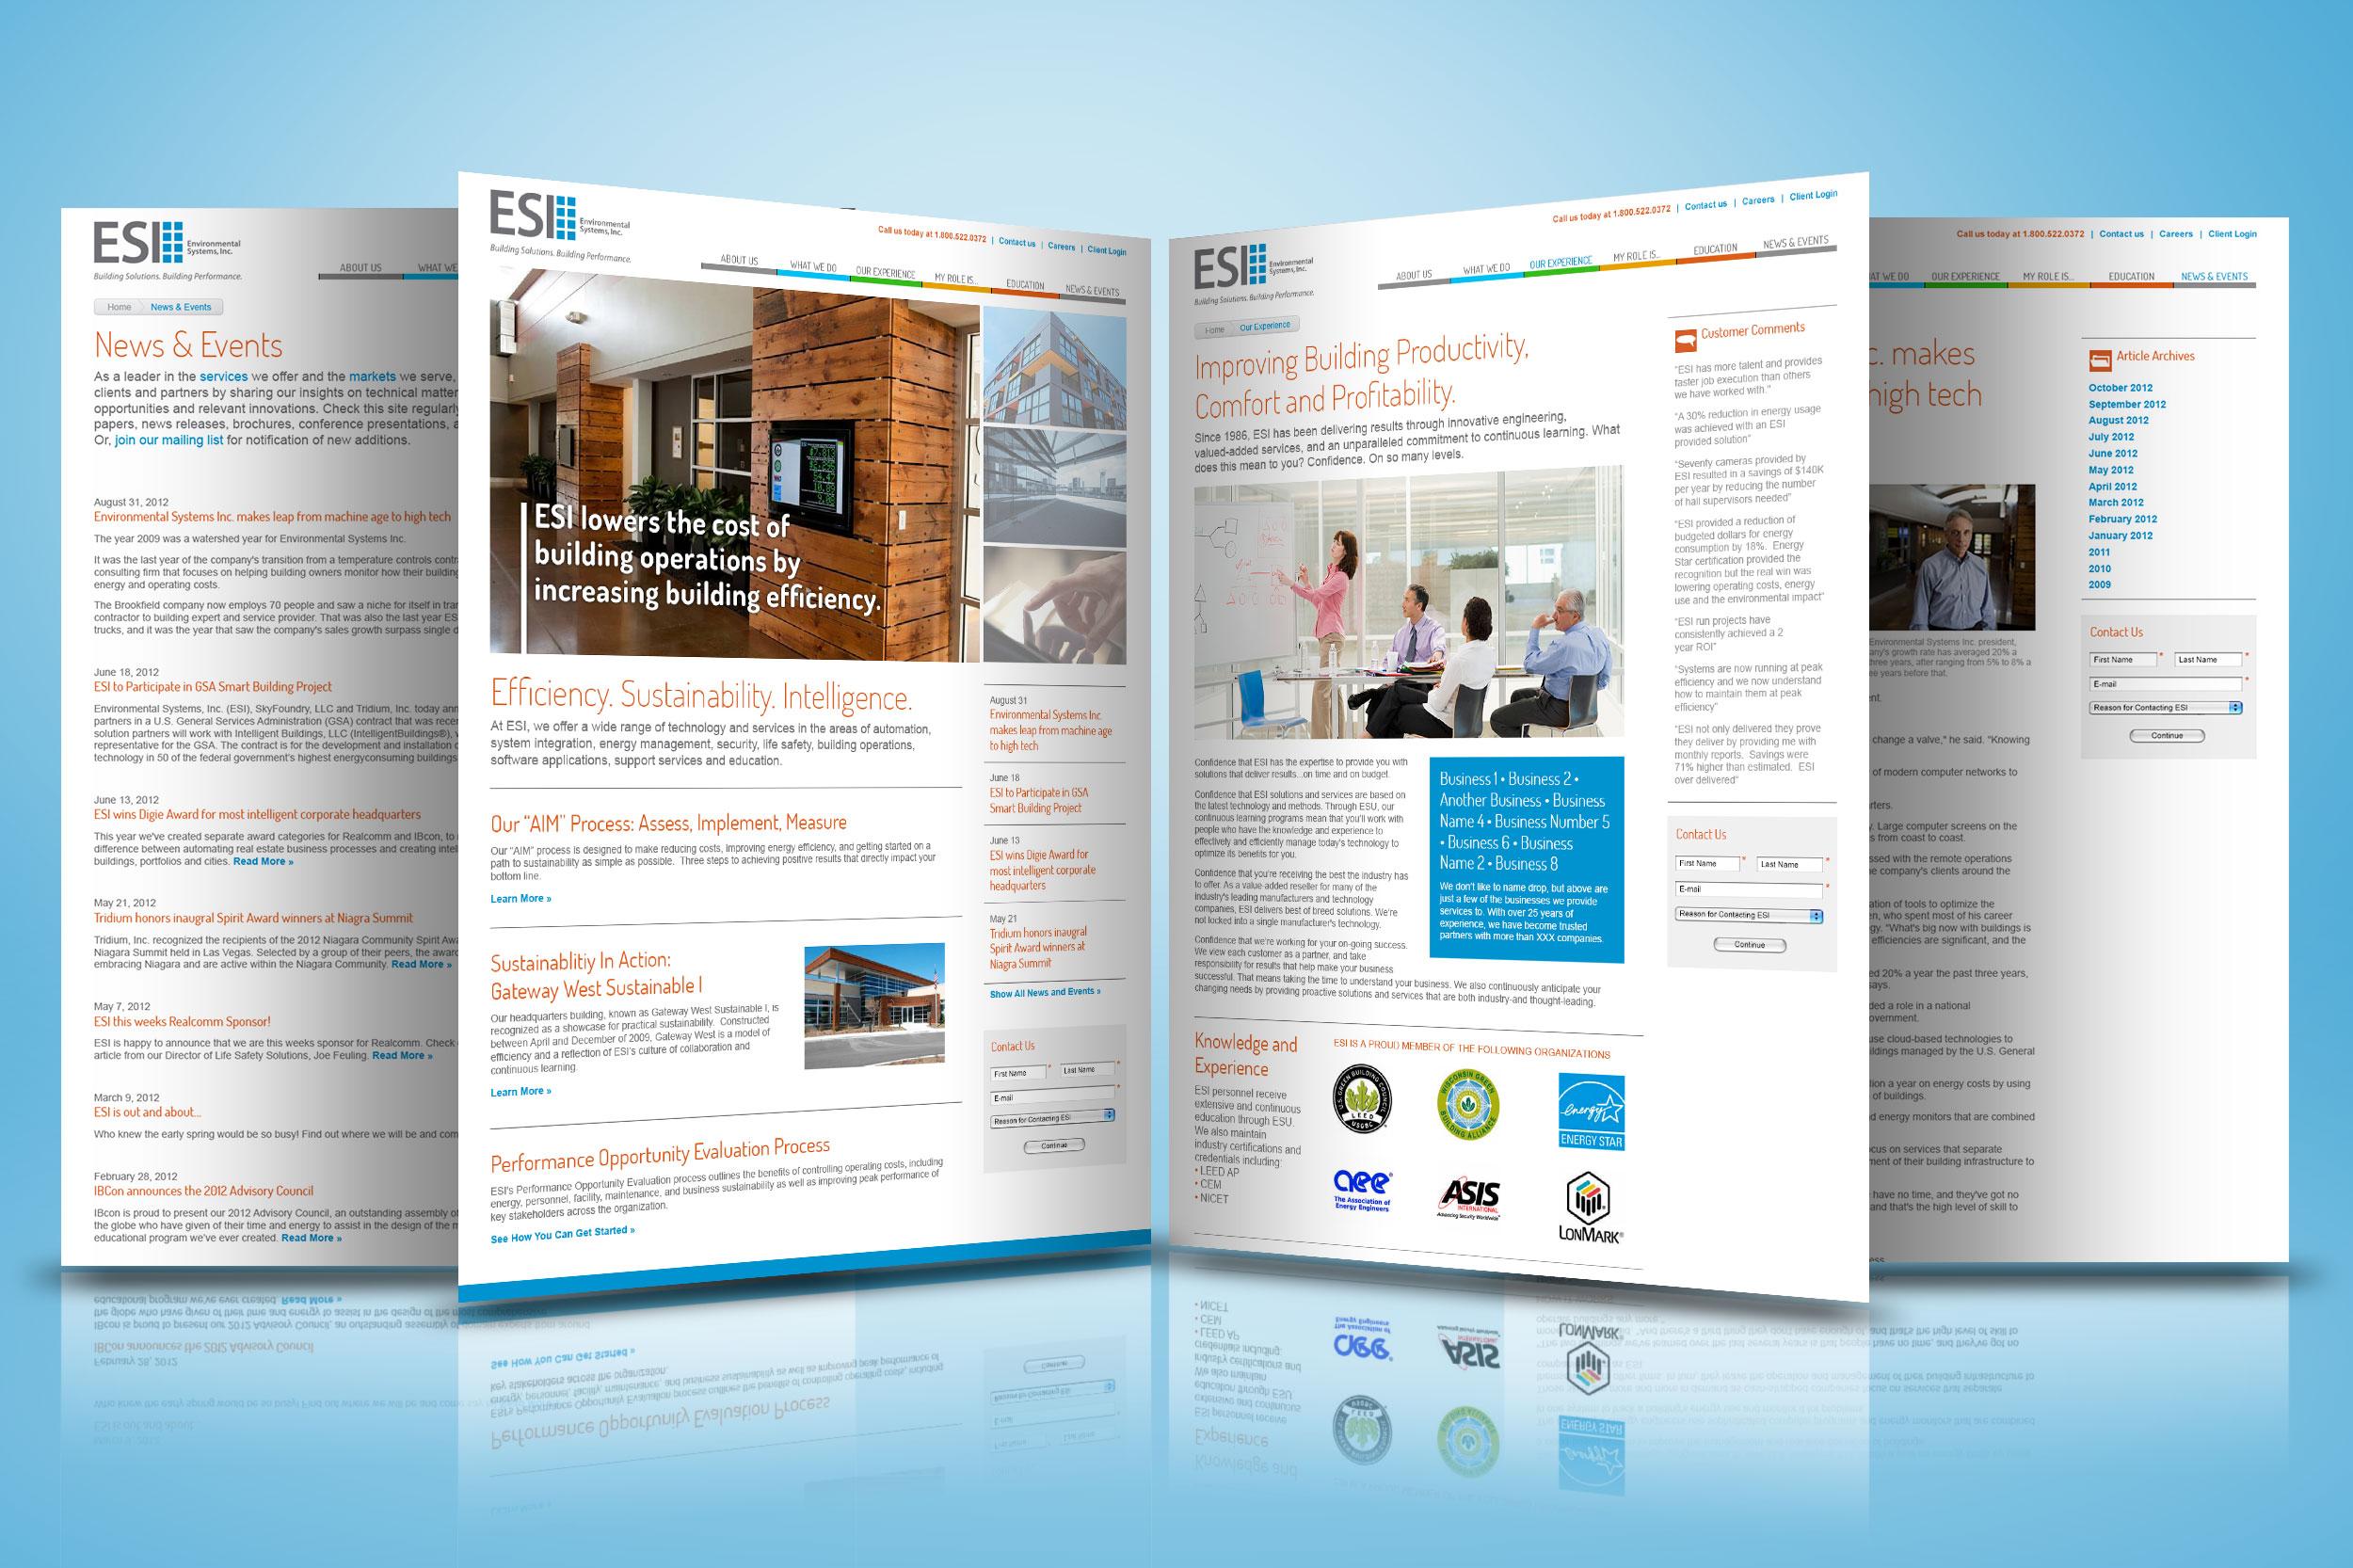 ESI Website Redesign (2012)